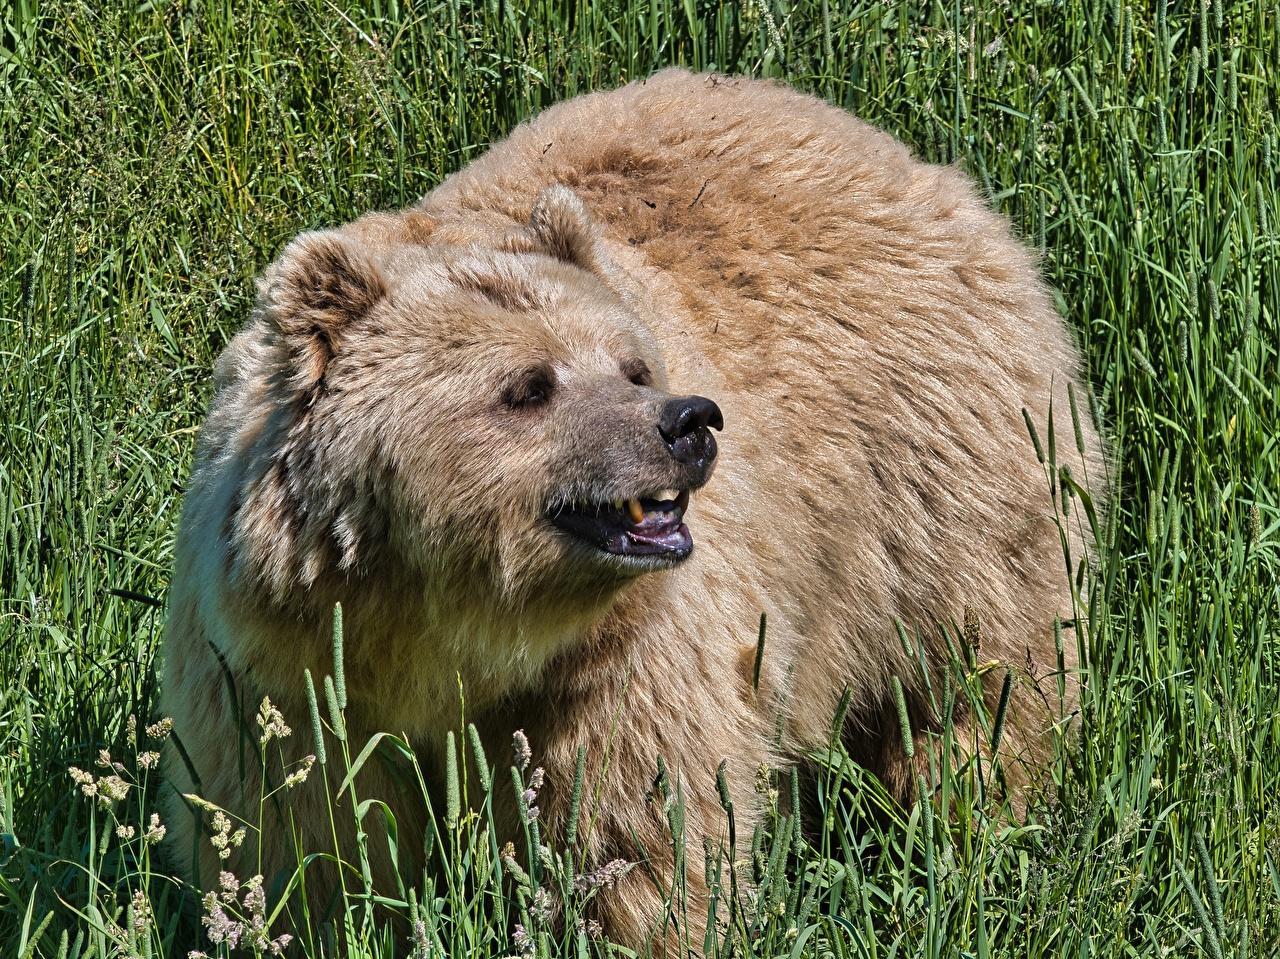 Фото Бурые Медведи Медведи Оскал Трава смотрит Животные Гризли медведь злой рычит злость траве Взгляд смотрят животное